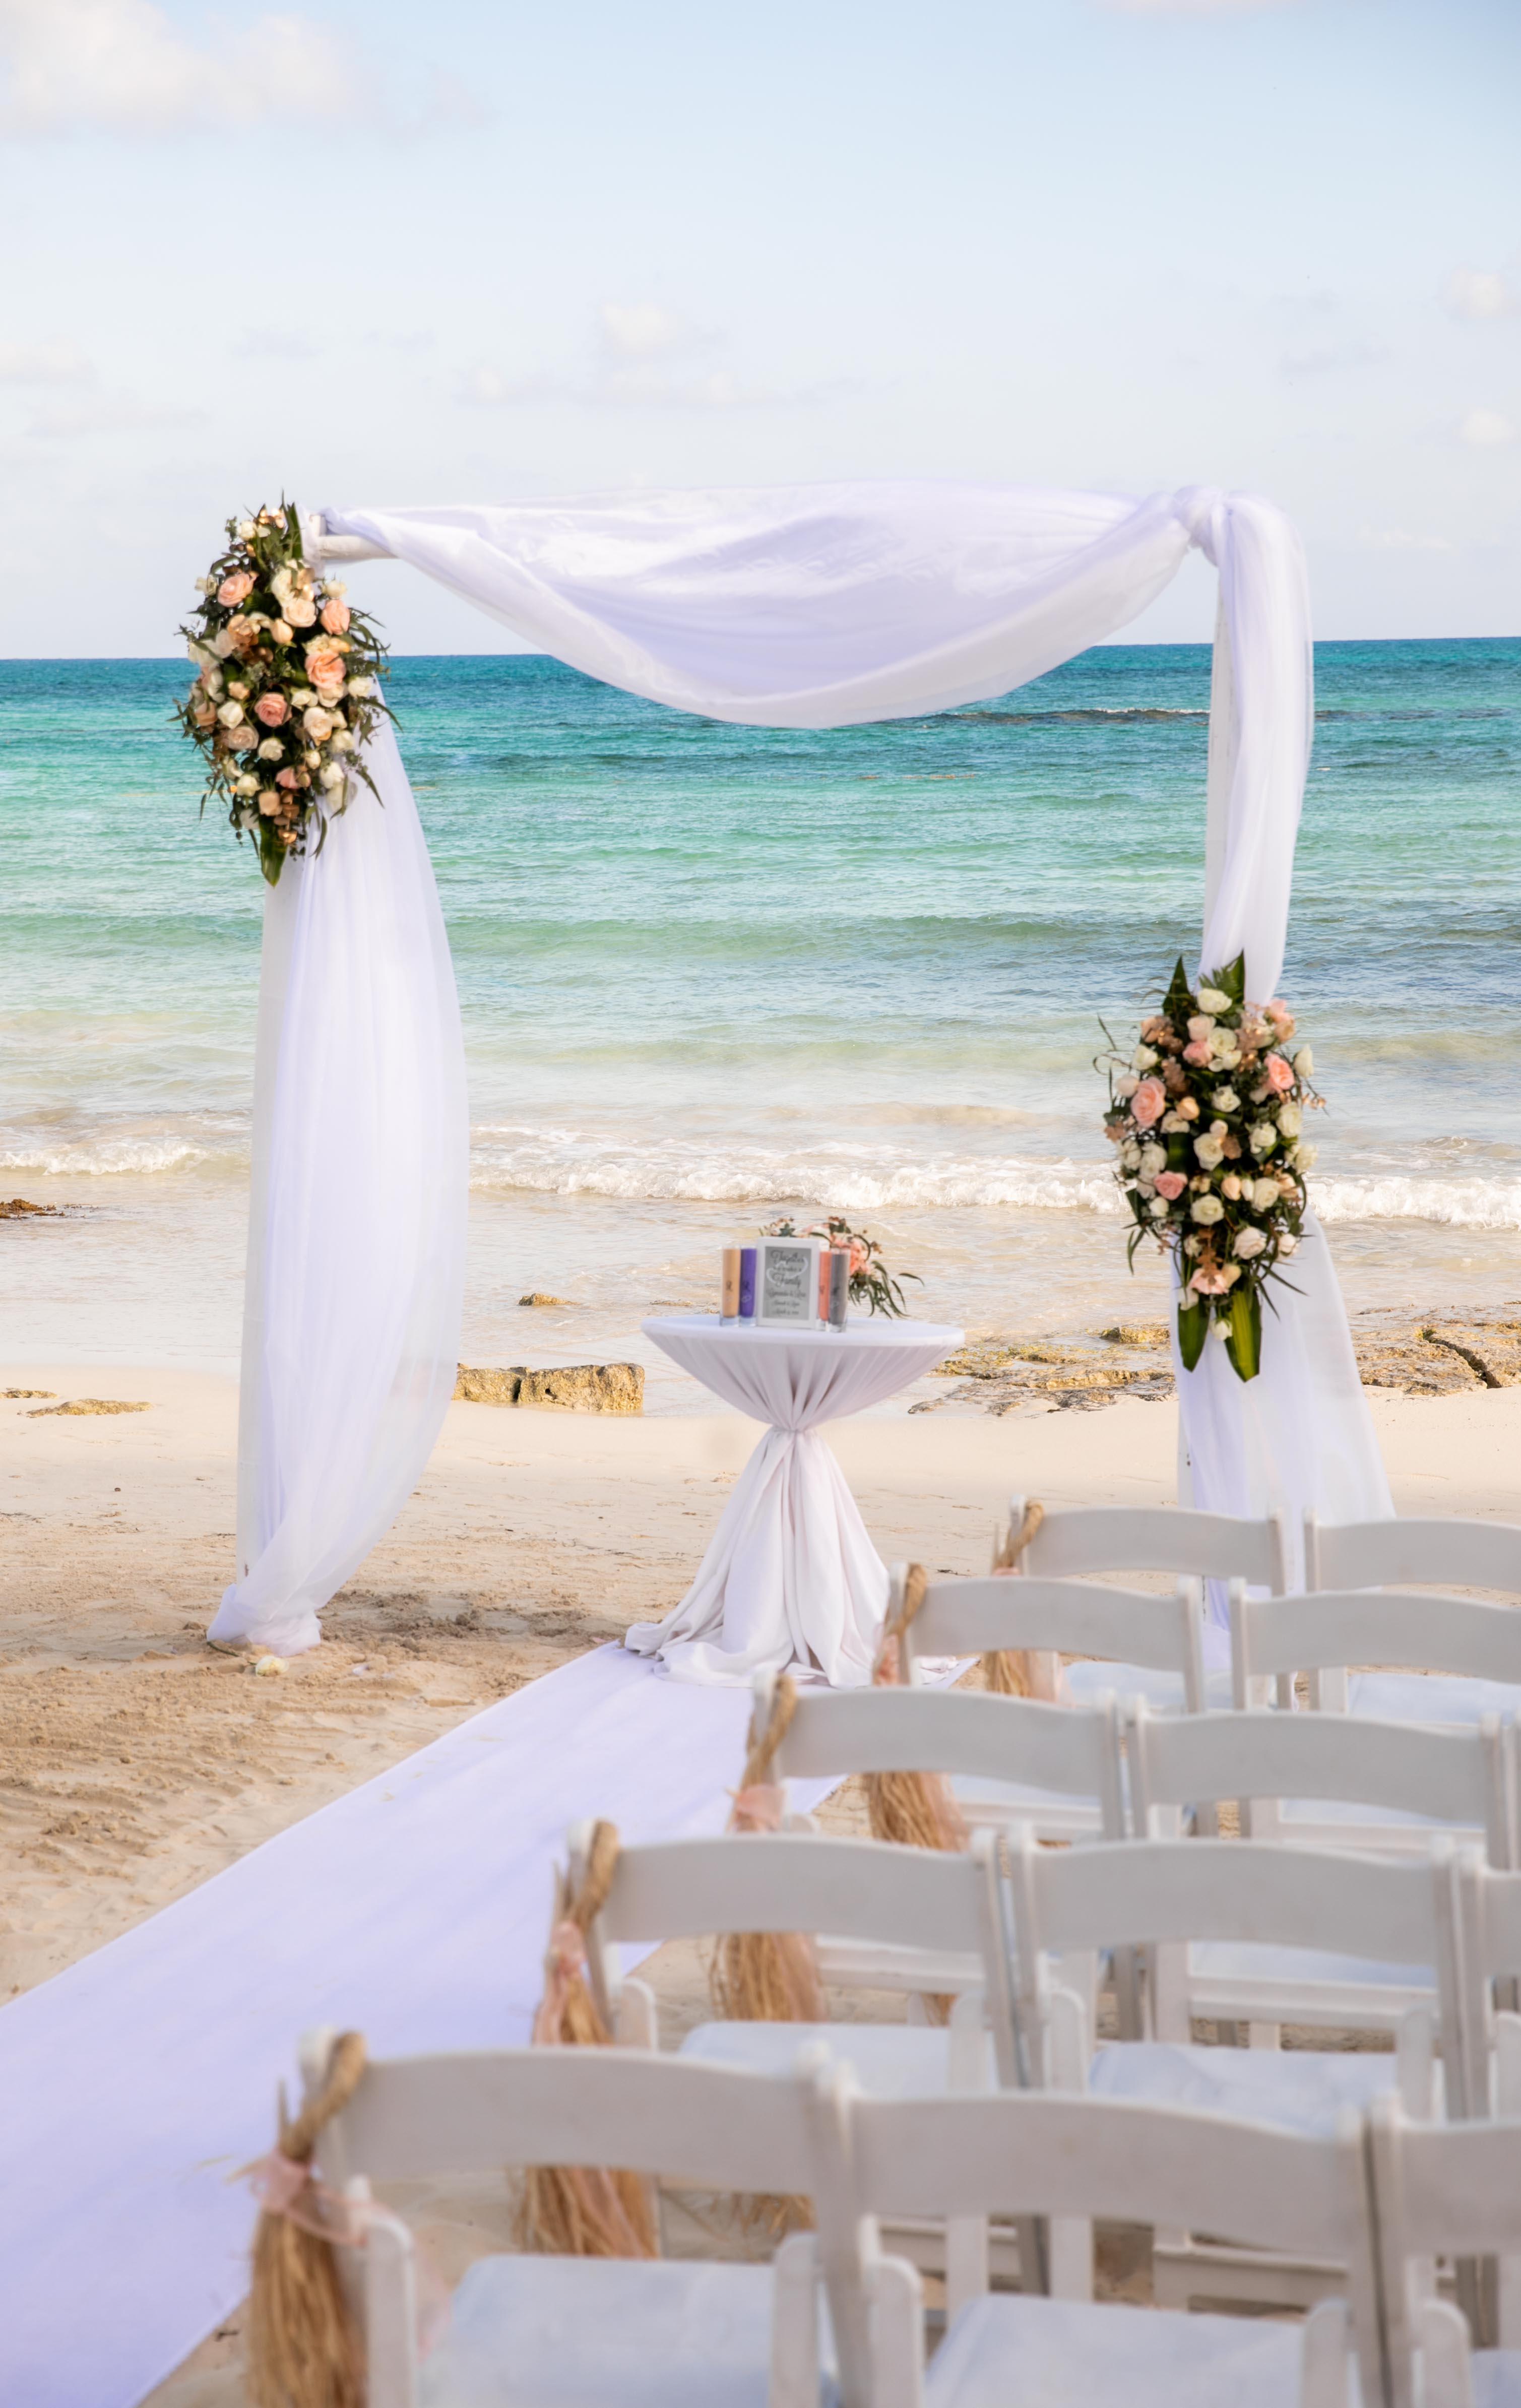 Reia Cymando Now Jade Riviera Maya Wedding 29 - Reia & Cymando - Now Jade